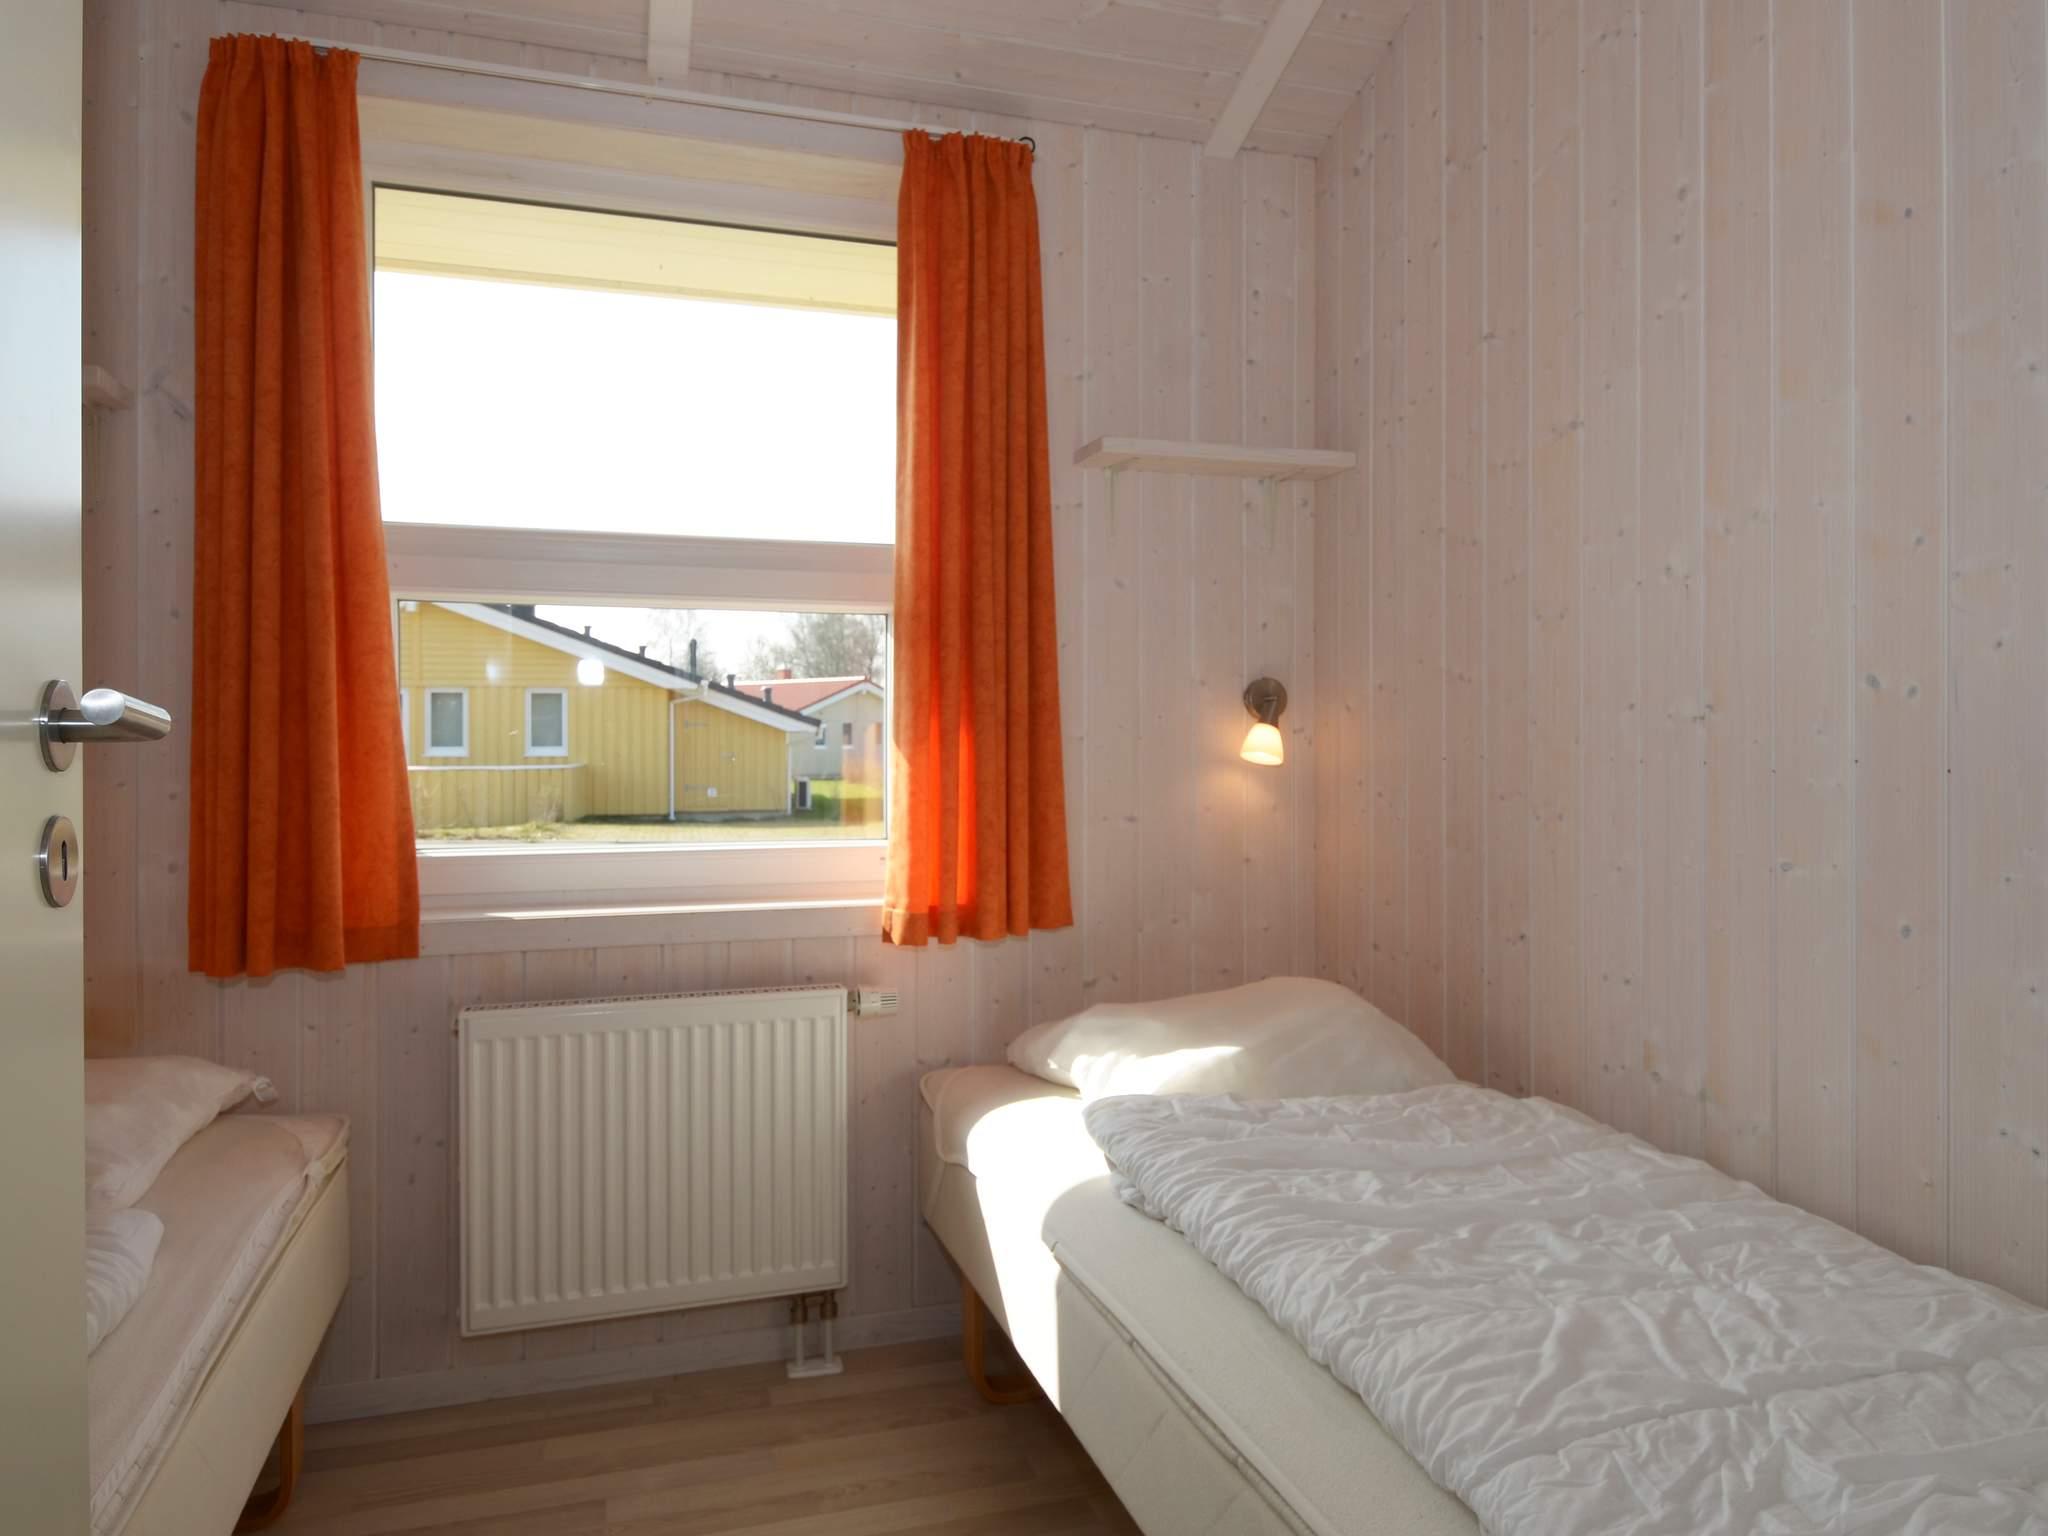 Ferienhaus Groemitz (259531), Grömitz, Lübecker Bucht, Schleswig-Holstein, Deutschland, Bild 15